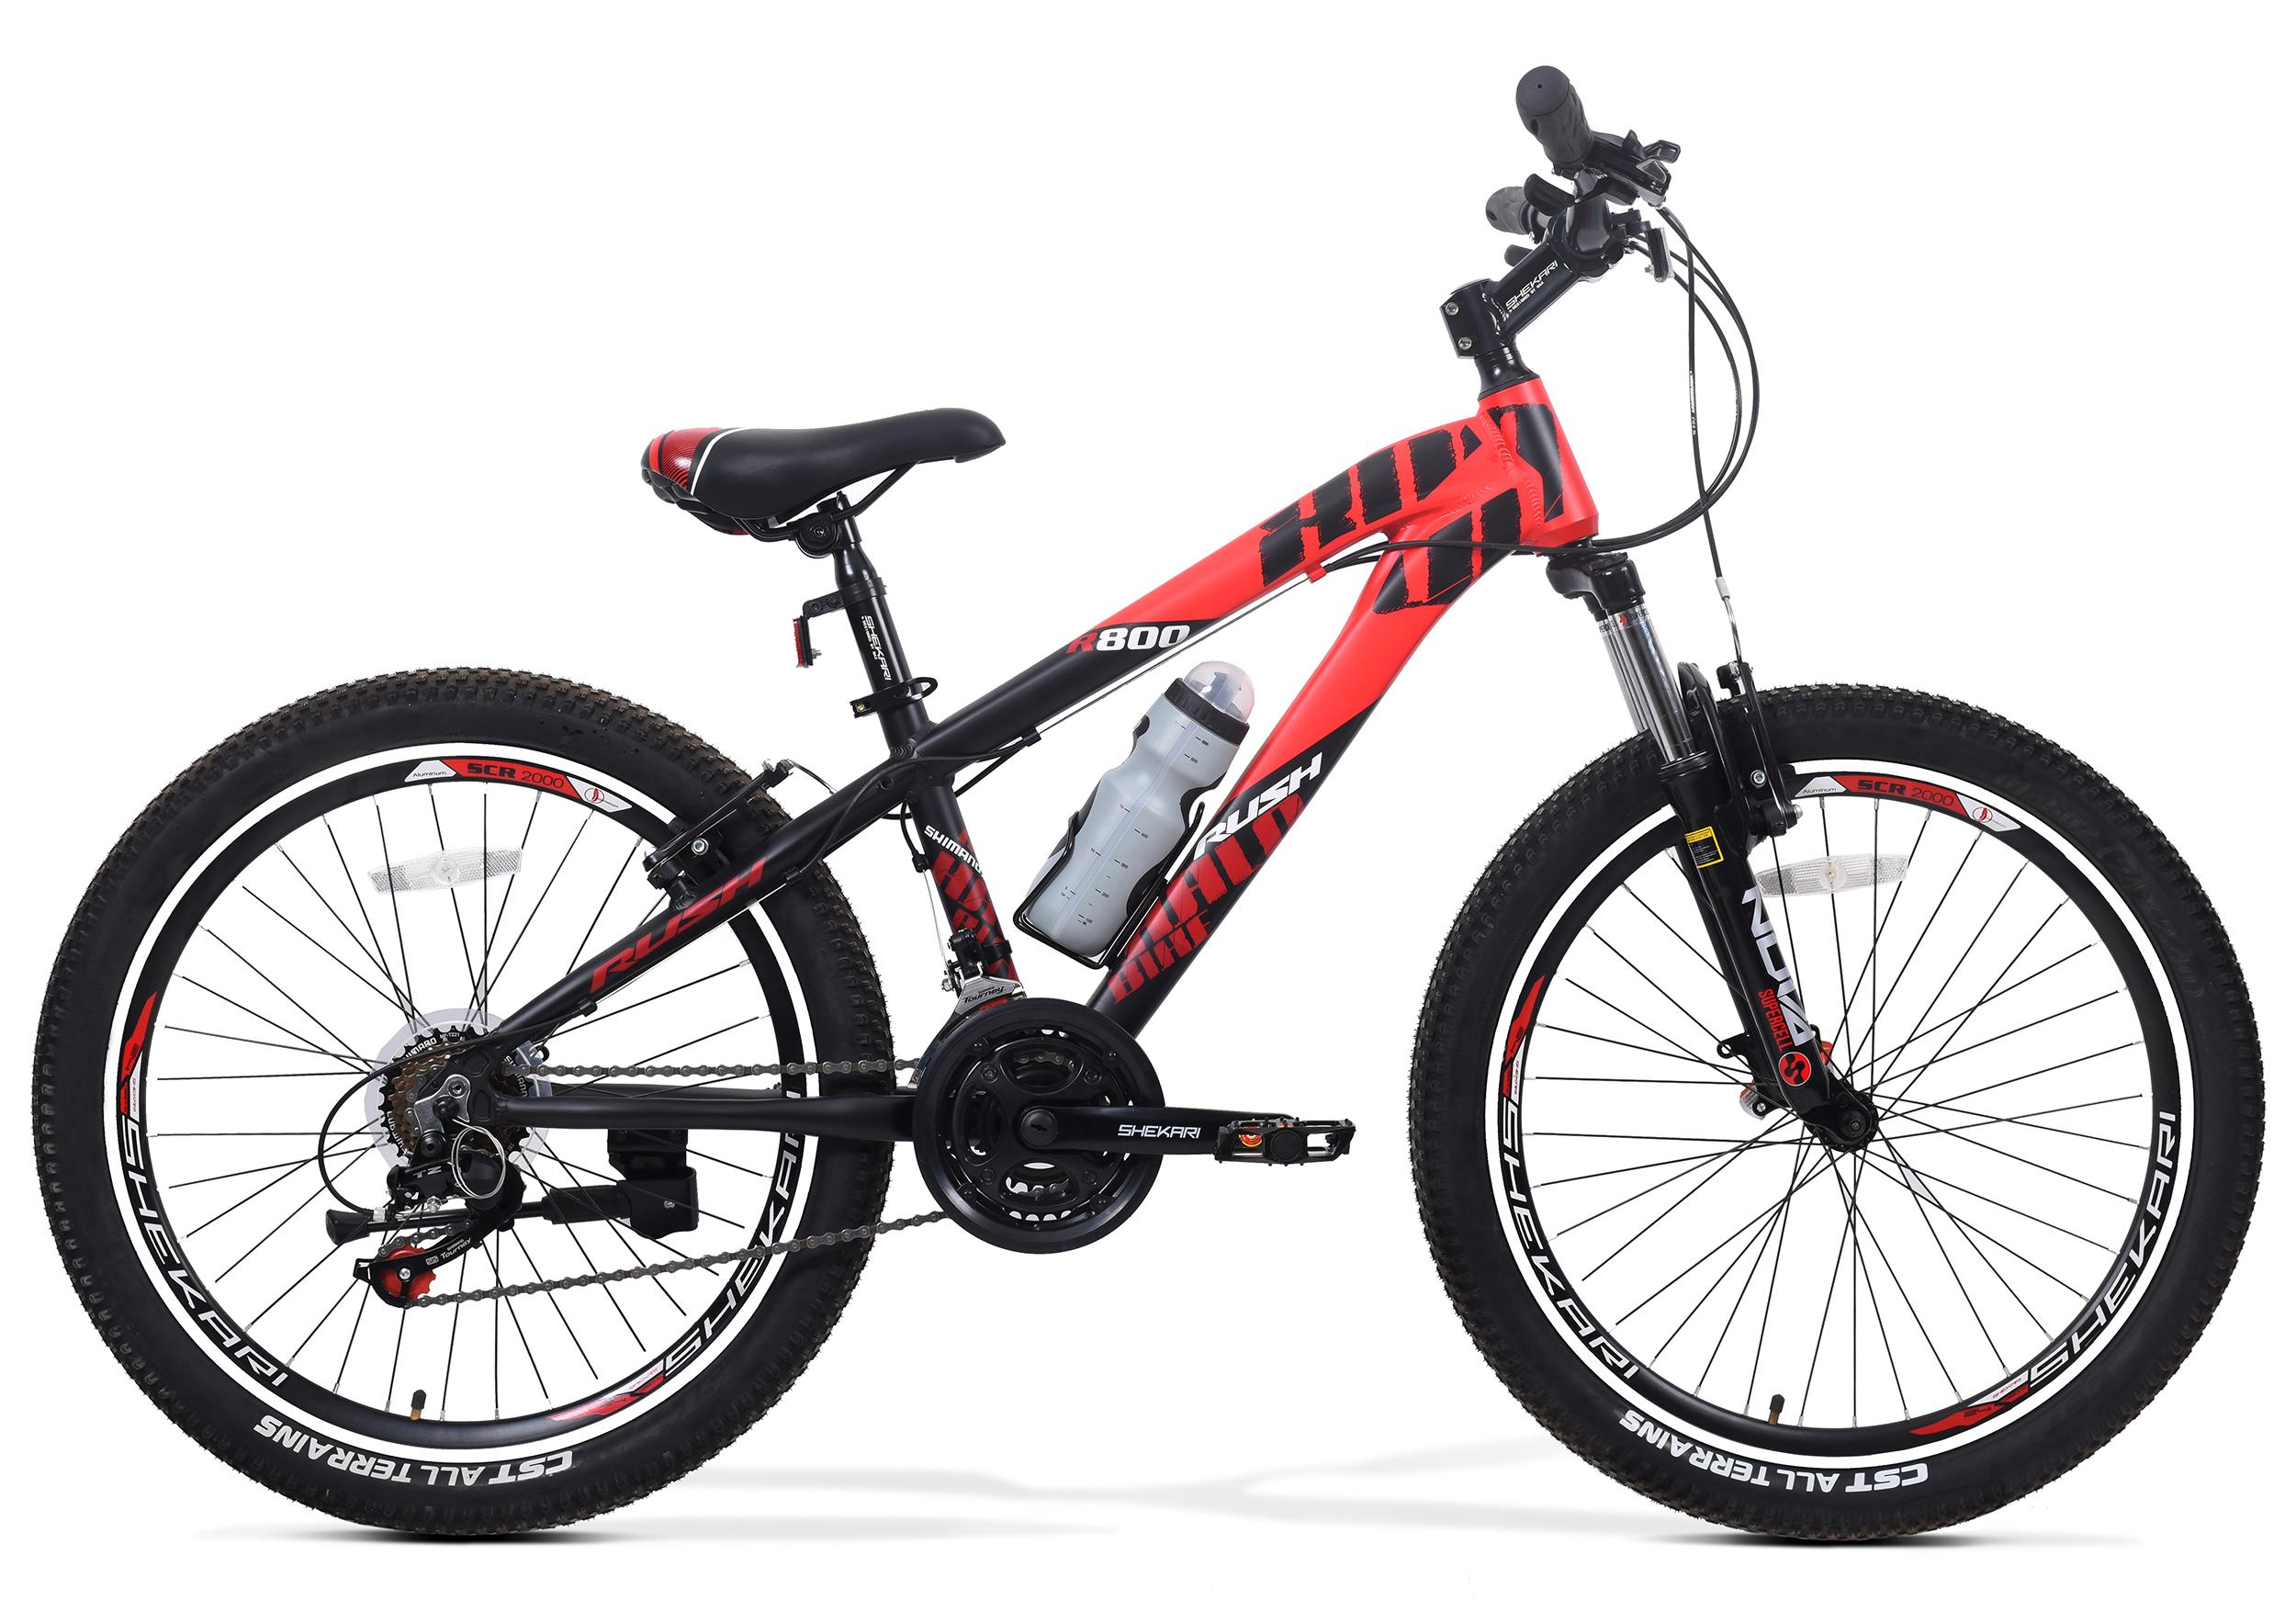 دوچرخه مدل R800